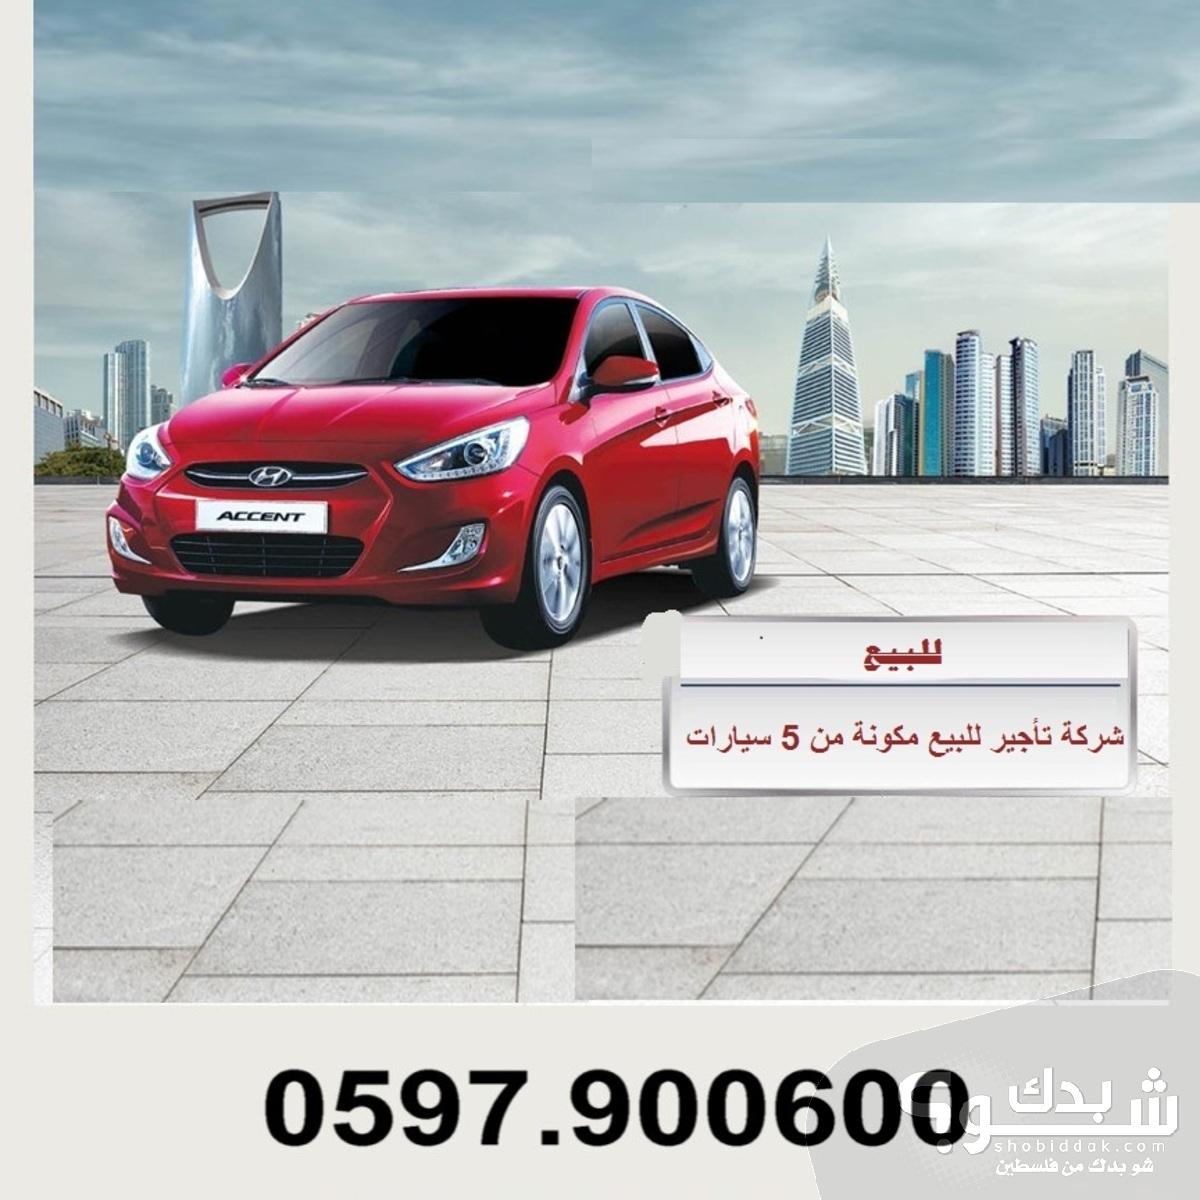 شركة تأجير سيارات للبيع برام الله الماصيون مكونة من 5 سيارات